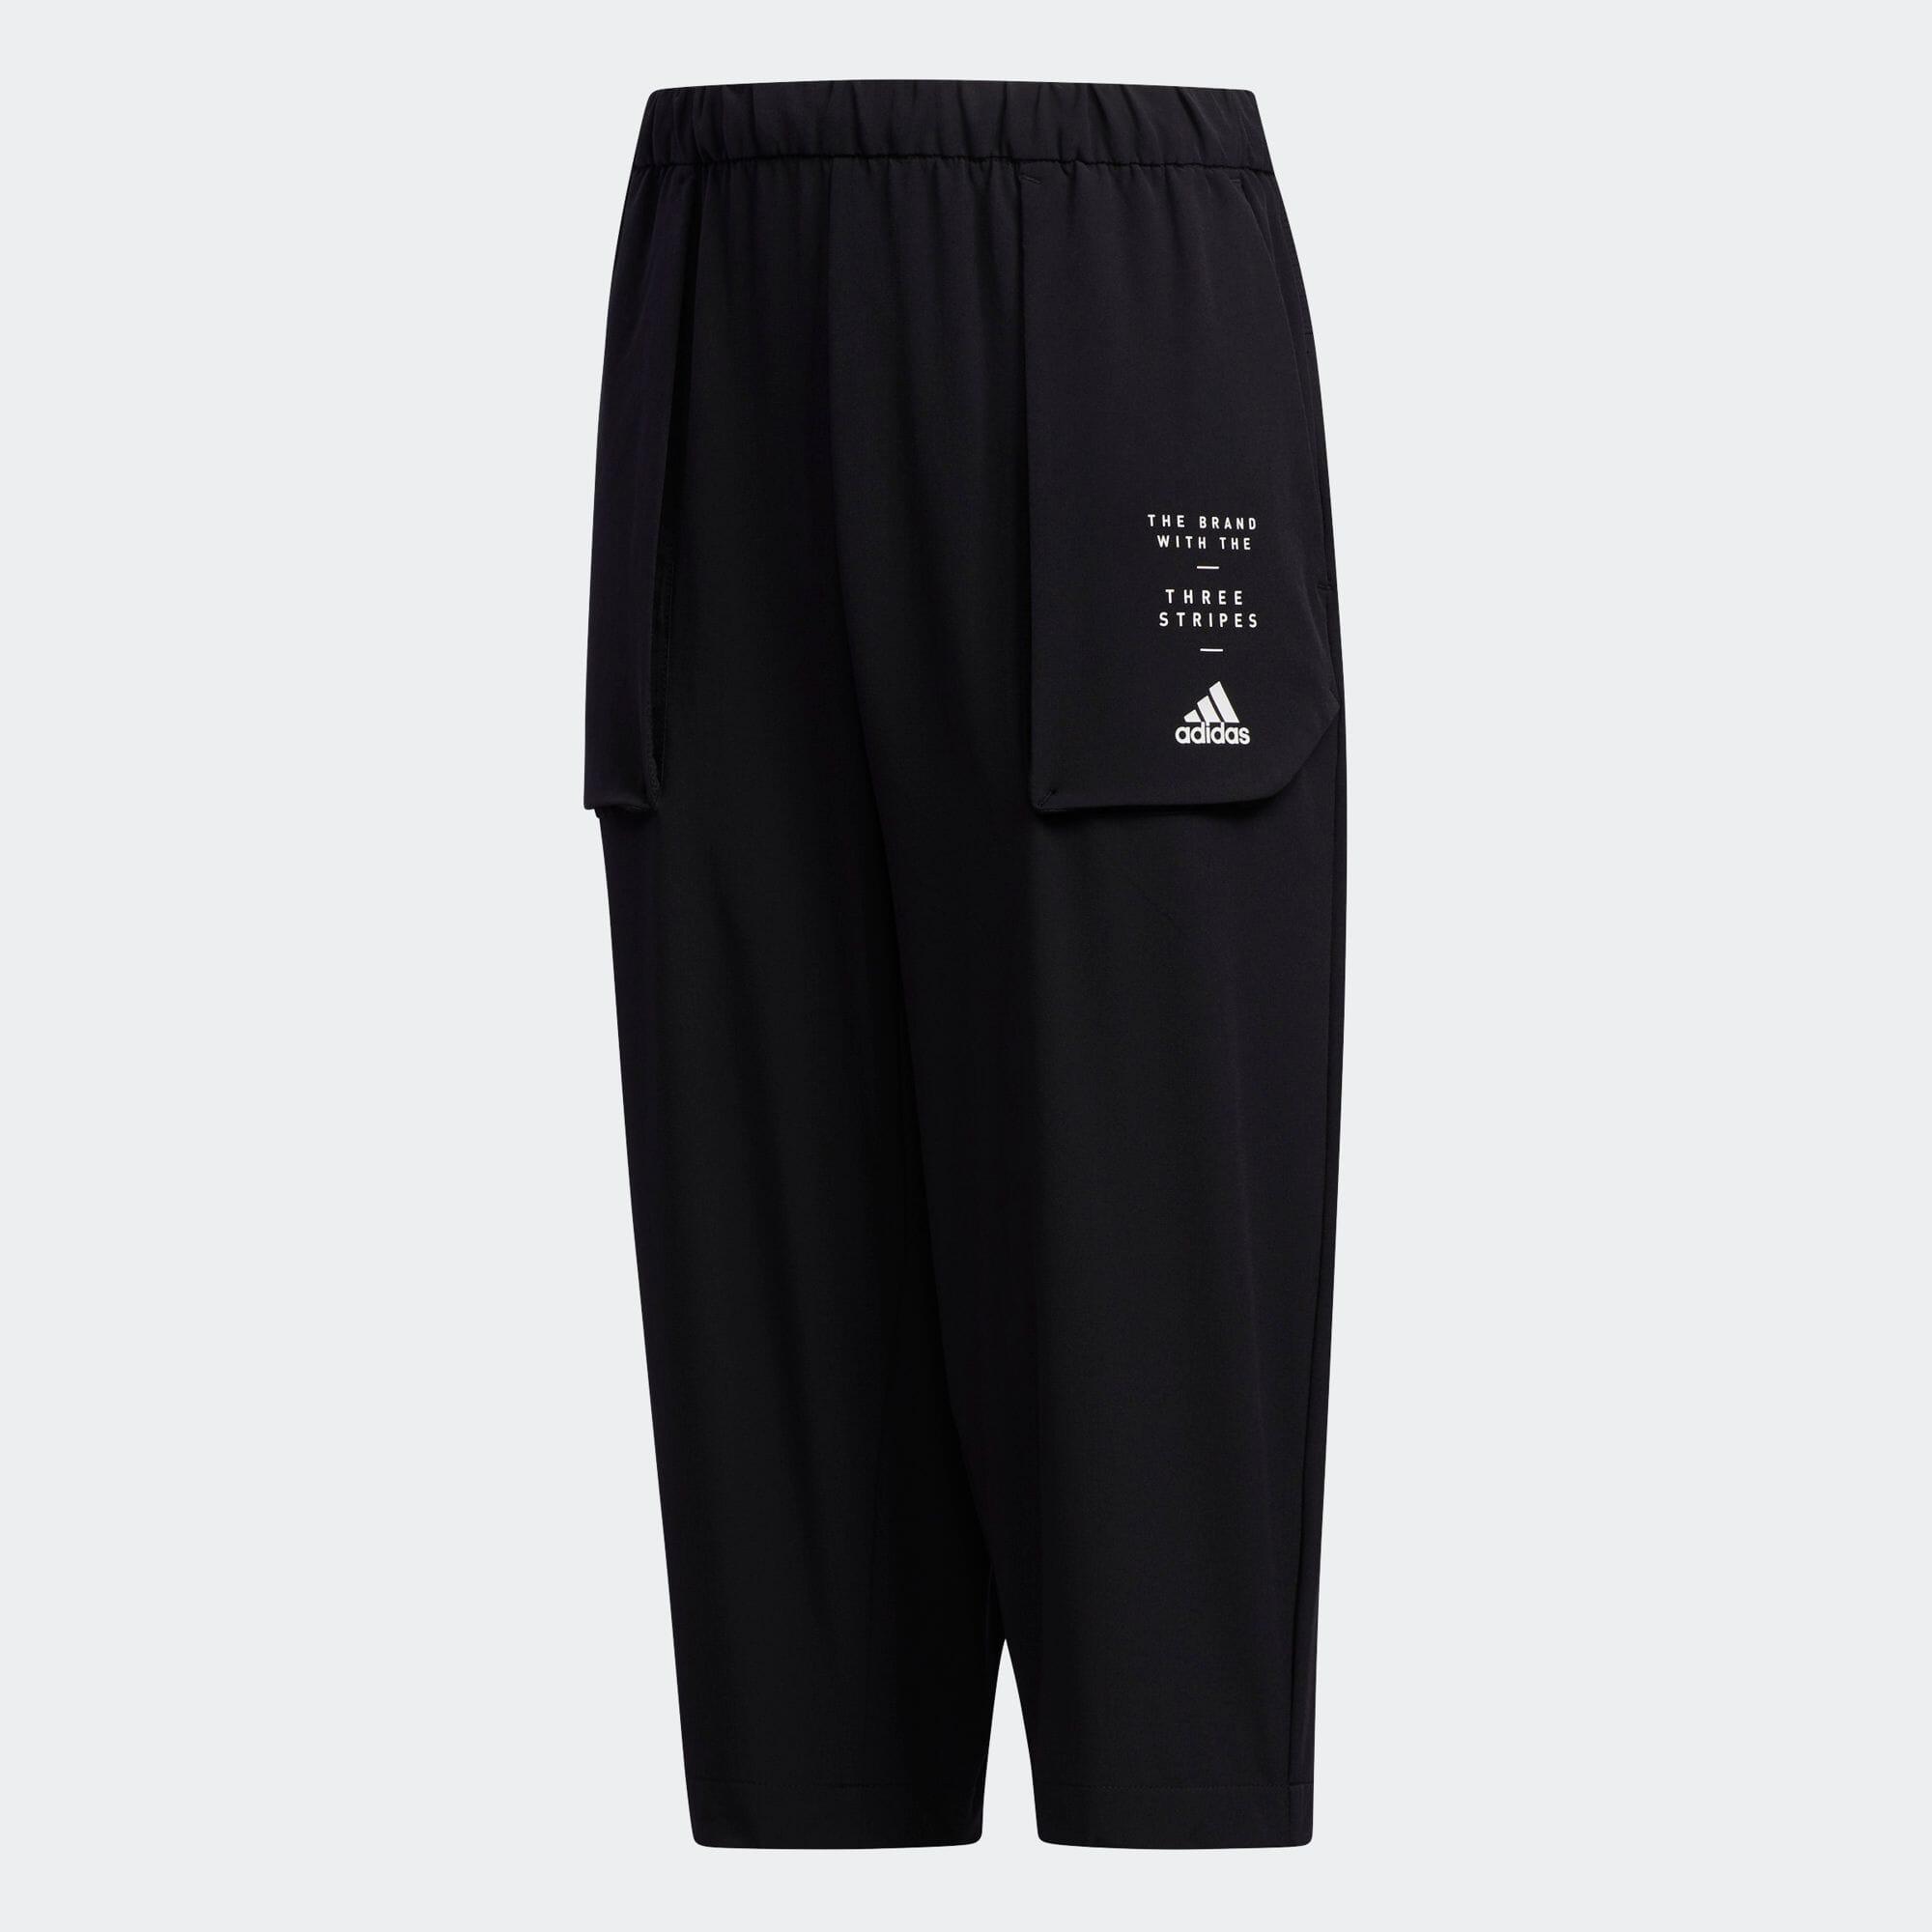 デイズ ウーブン 3/4 パンツ / Days Woven 3/4 Pants